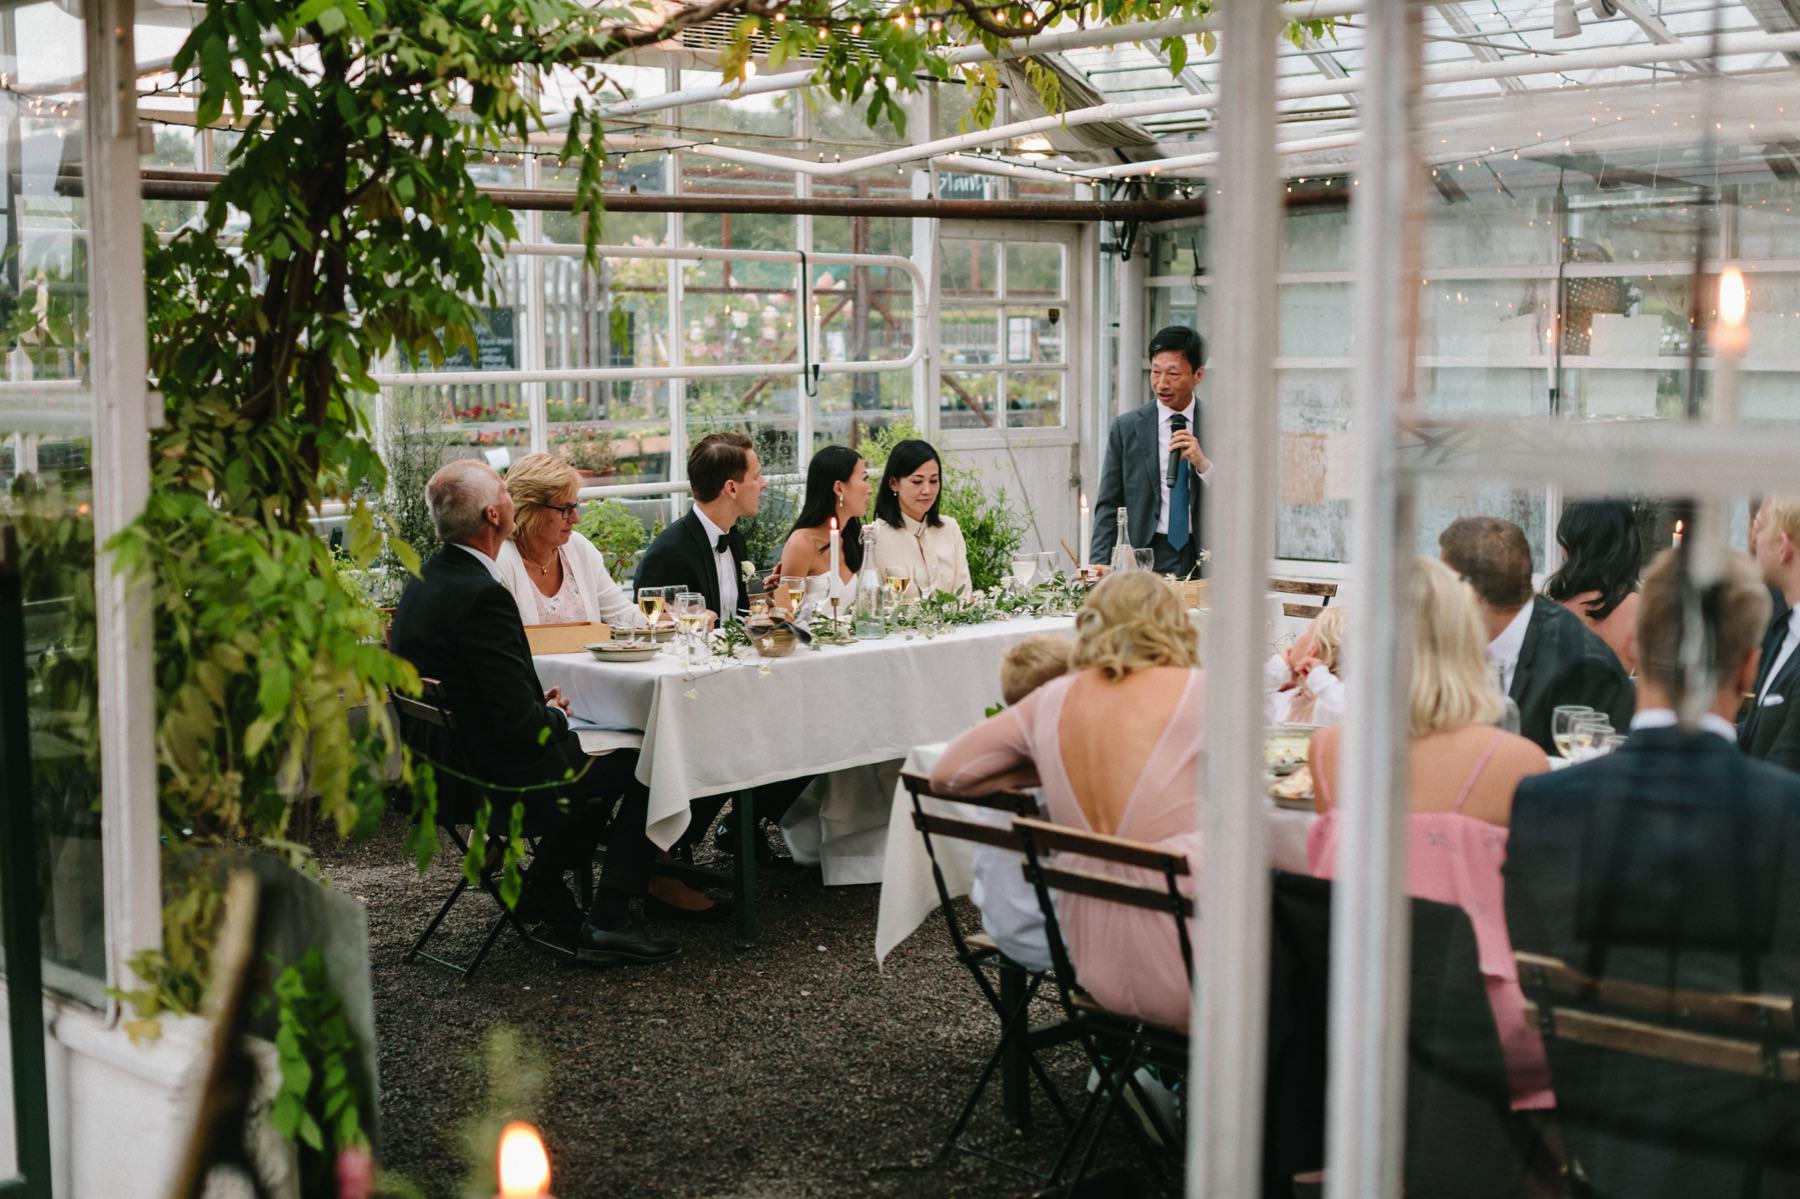 rosendals trädgård bröllopsfest